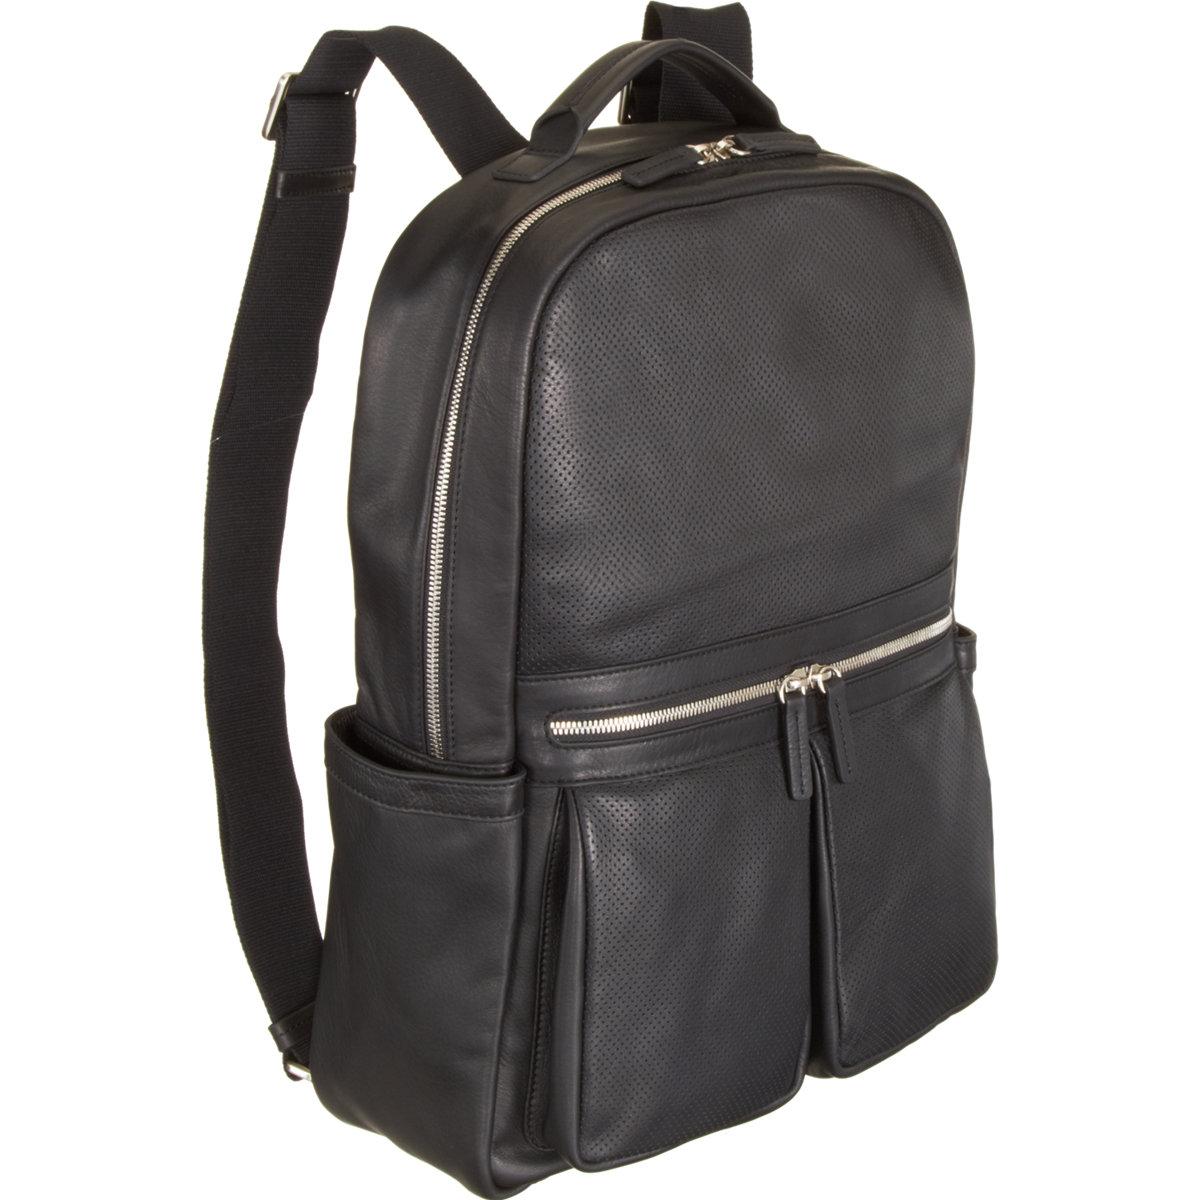 barneys new york perforated zip pocket backpack in black. Black Bedroom Furniture Sets. Home Design Ideas